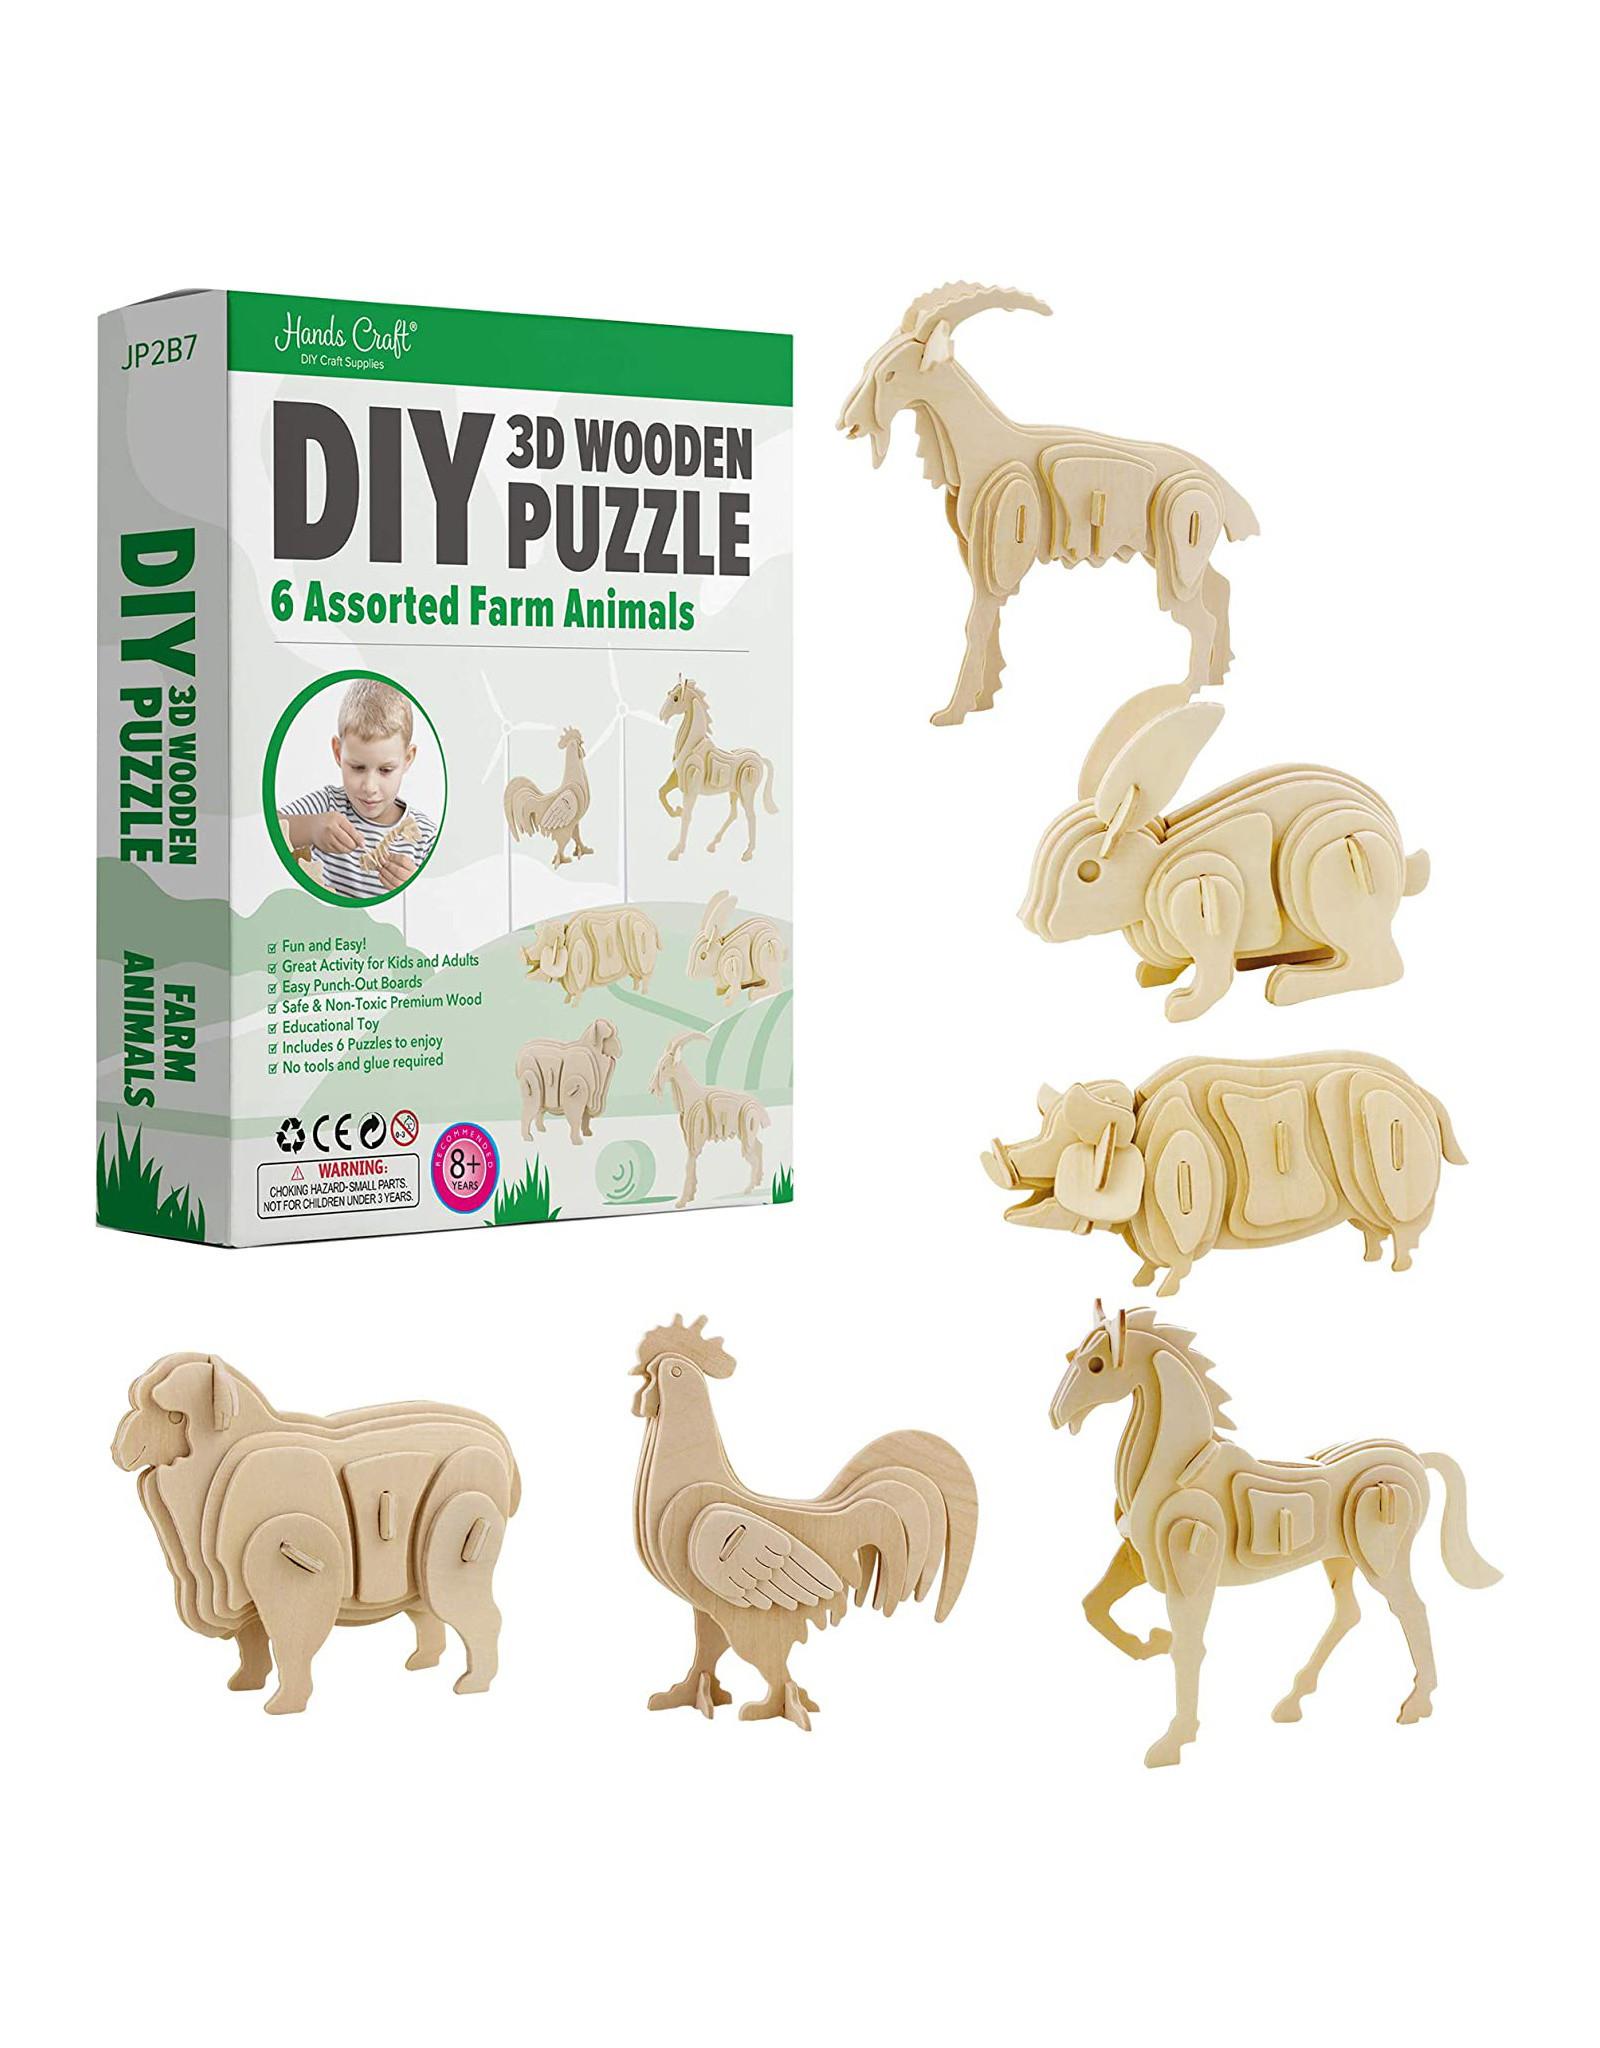 3D Wooden Puzzle: Farm Animals